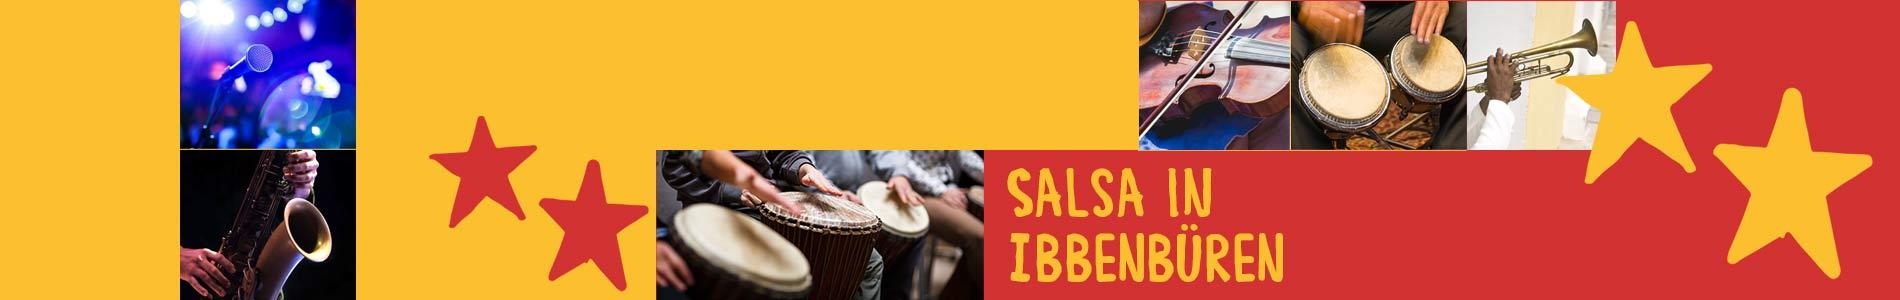 Salsa in Büren – Salsa lernen und tanzen, Tanzkurse, Partys, Veranstaltungen